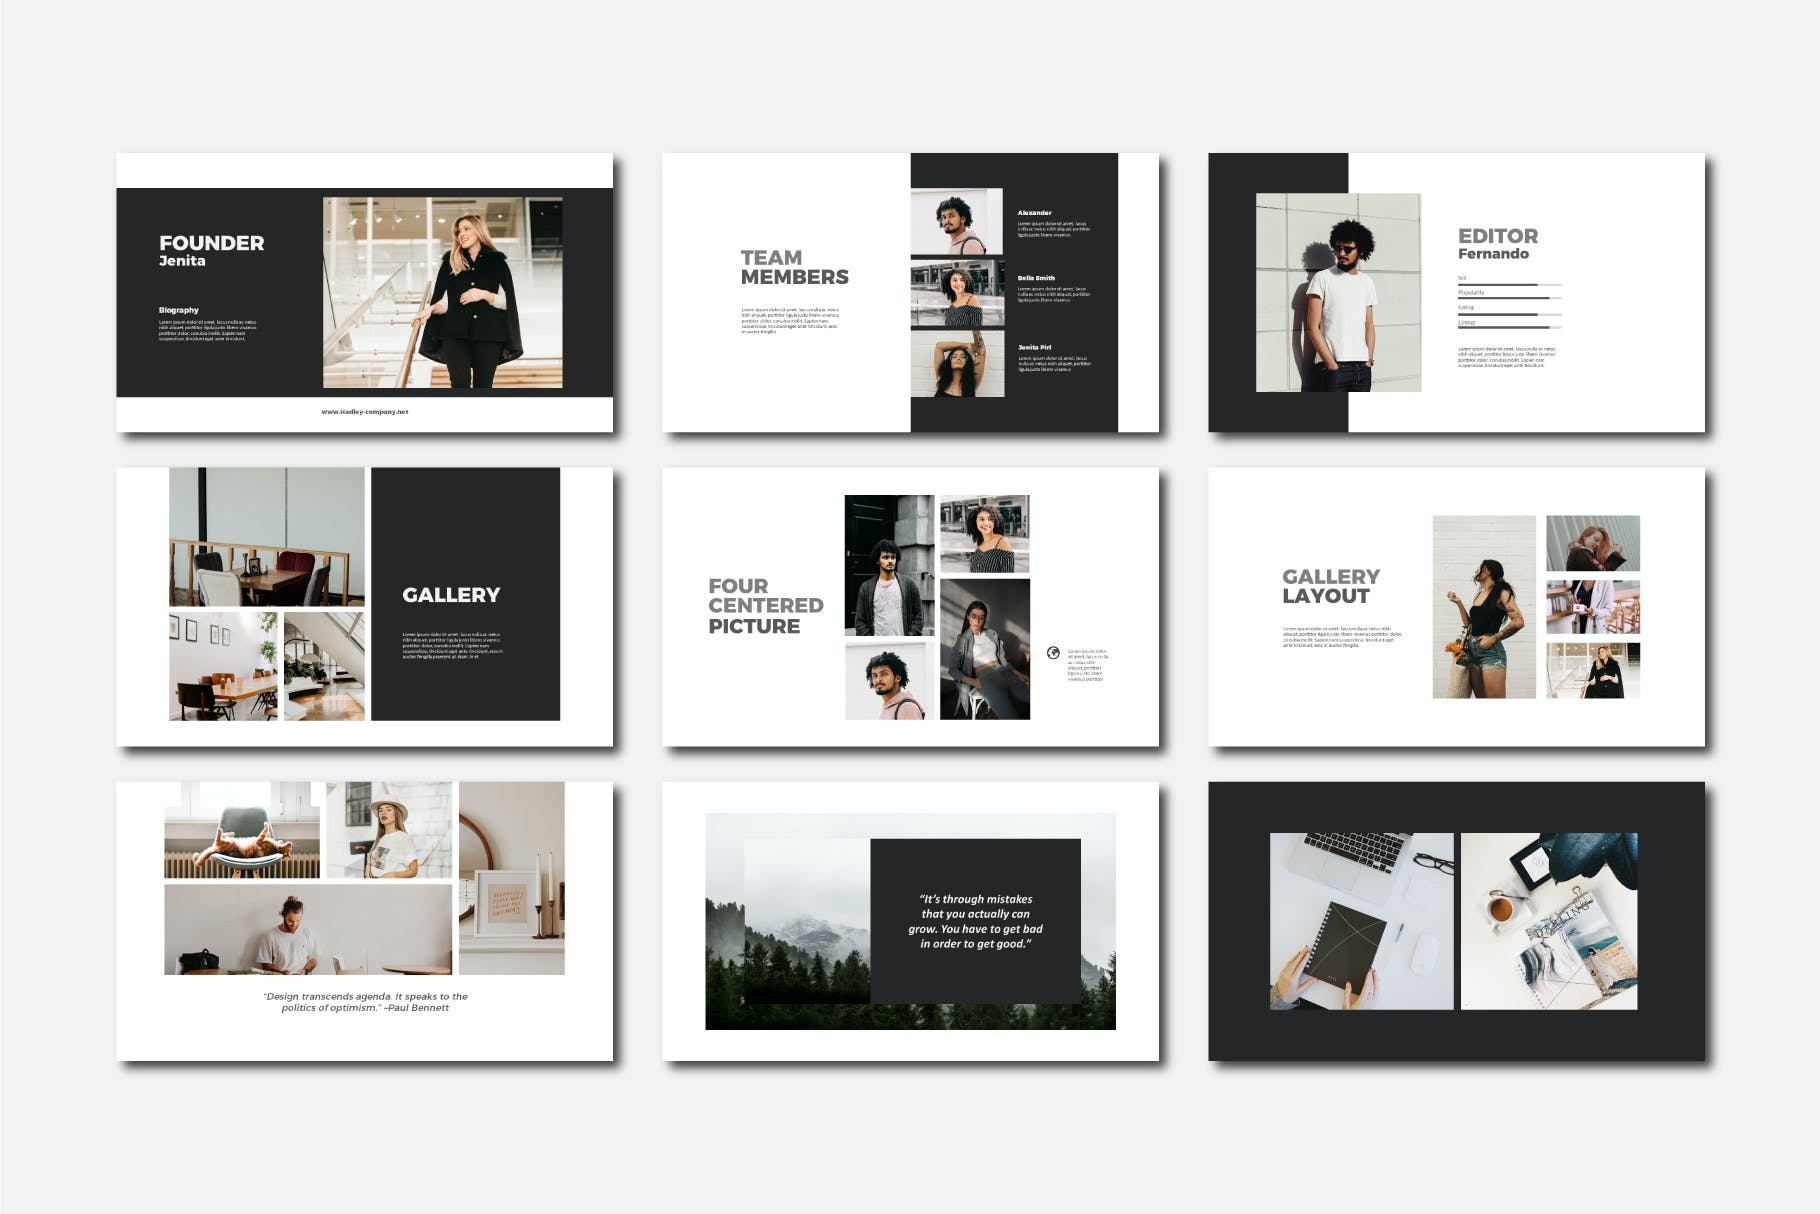 现代商务策划提报演示文稿设计素材模版 Hadley Bundle Presentation插图5